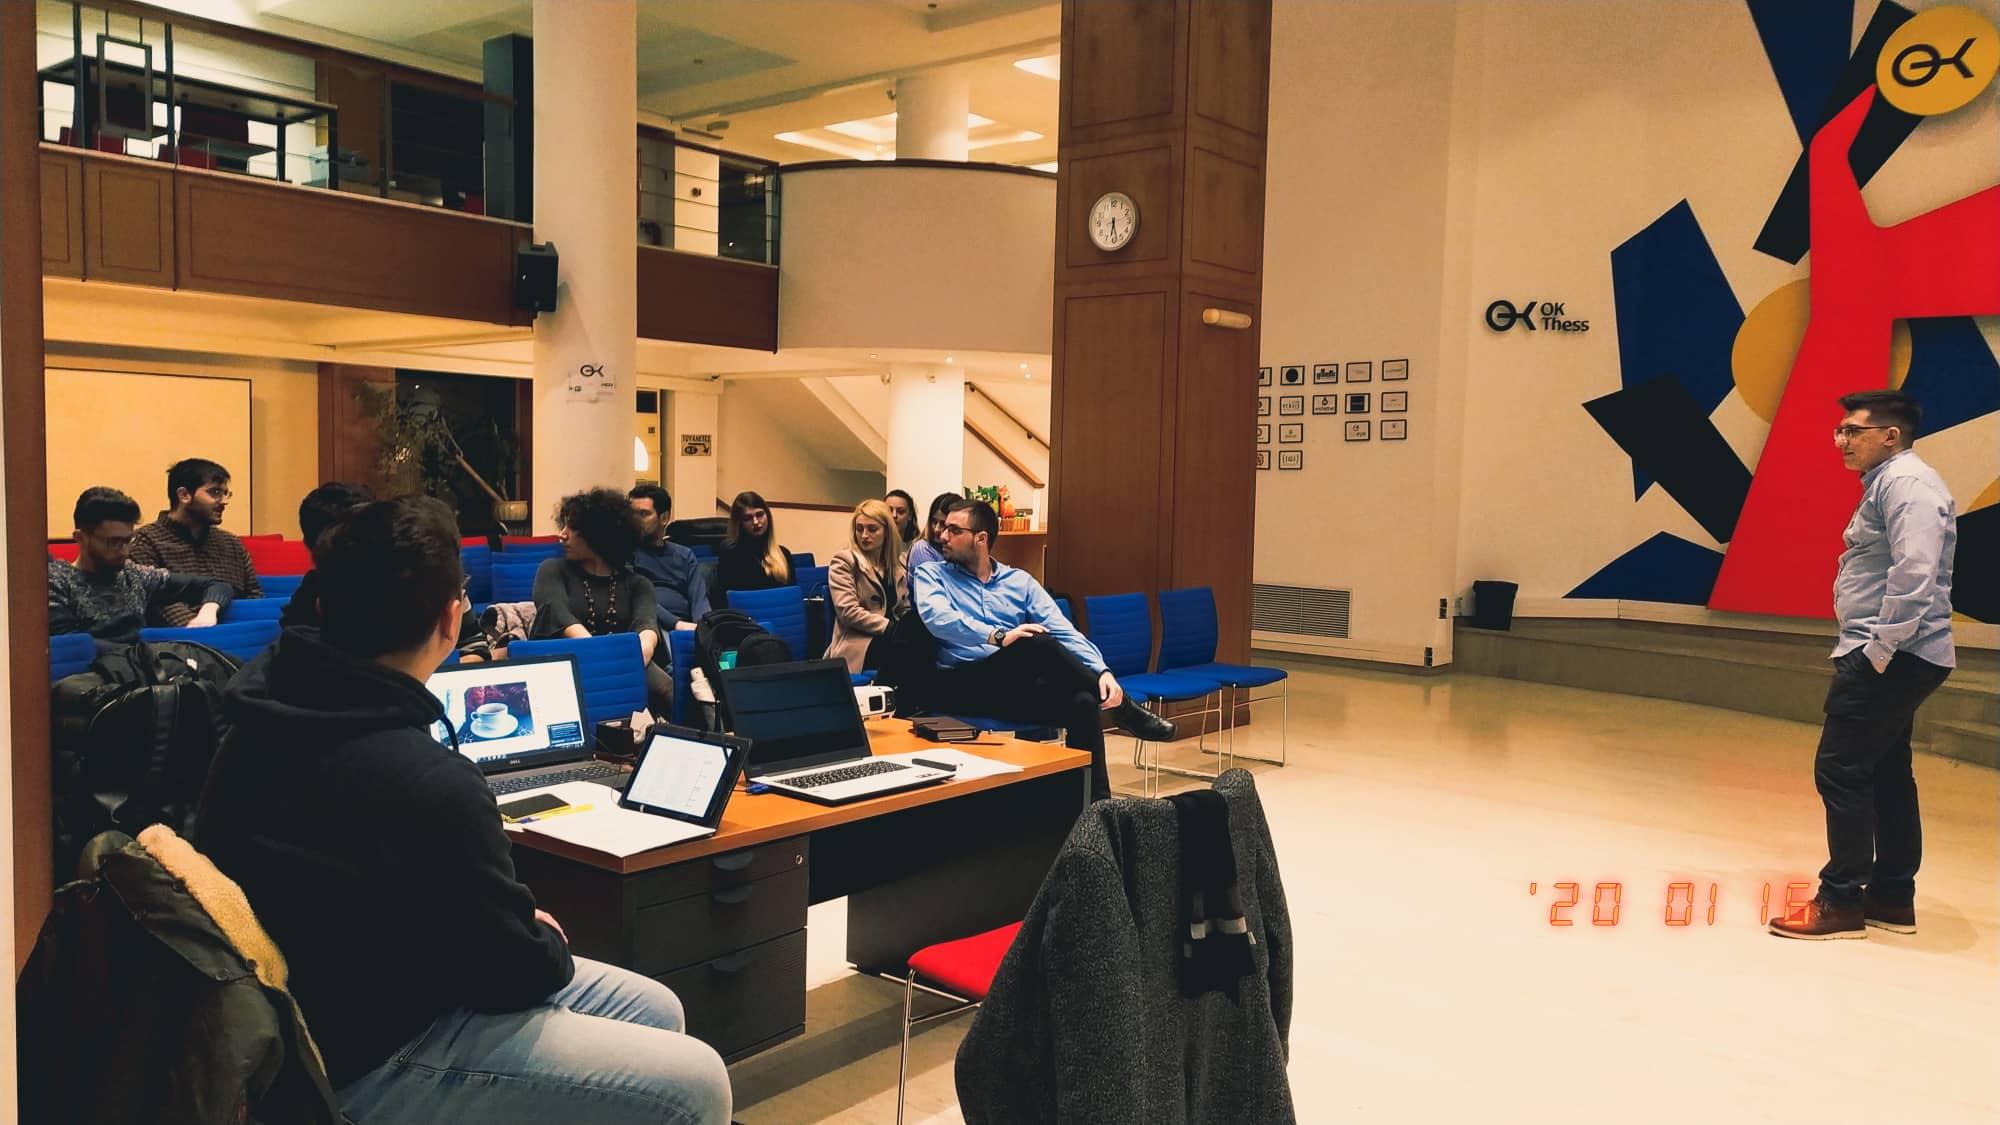 Πραγματοποιήθηκε με επιτυχία το 1ο workshop του Δημοτικού Συμβουλίου Νέων Θεσσαλονίκης